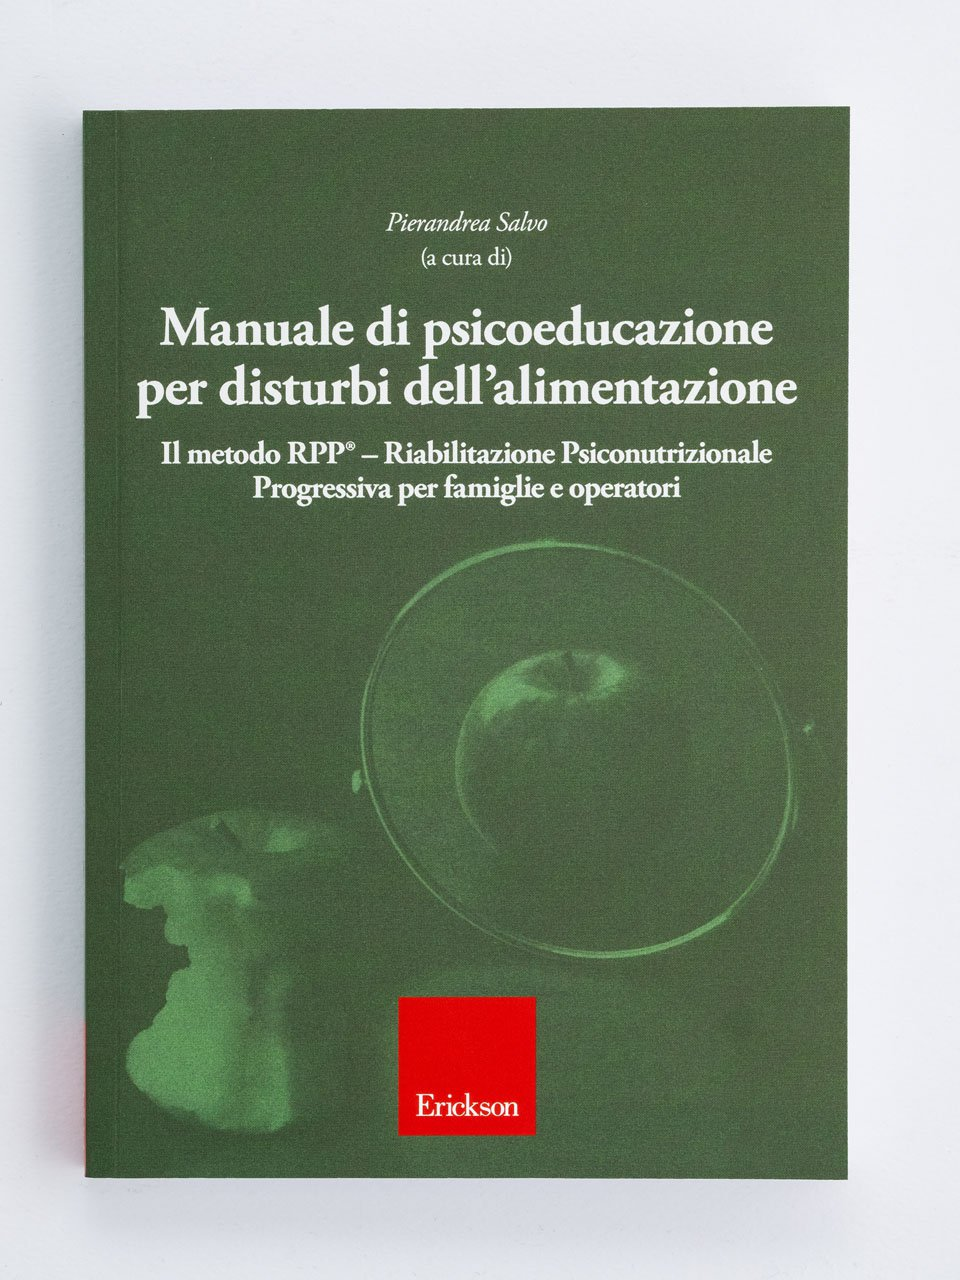 Manuale di psicoeducazione per disturbi dell'alime - Libri - Erickson